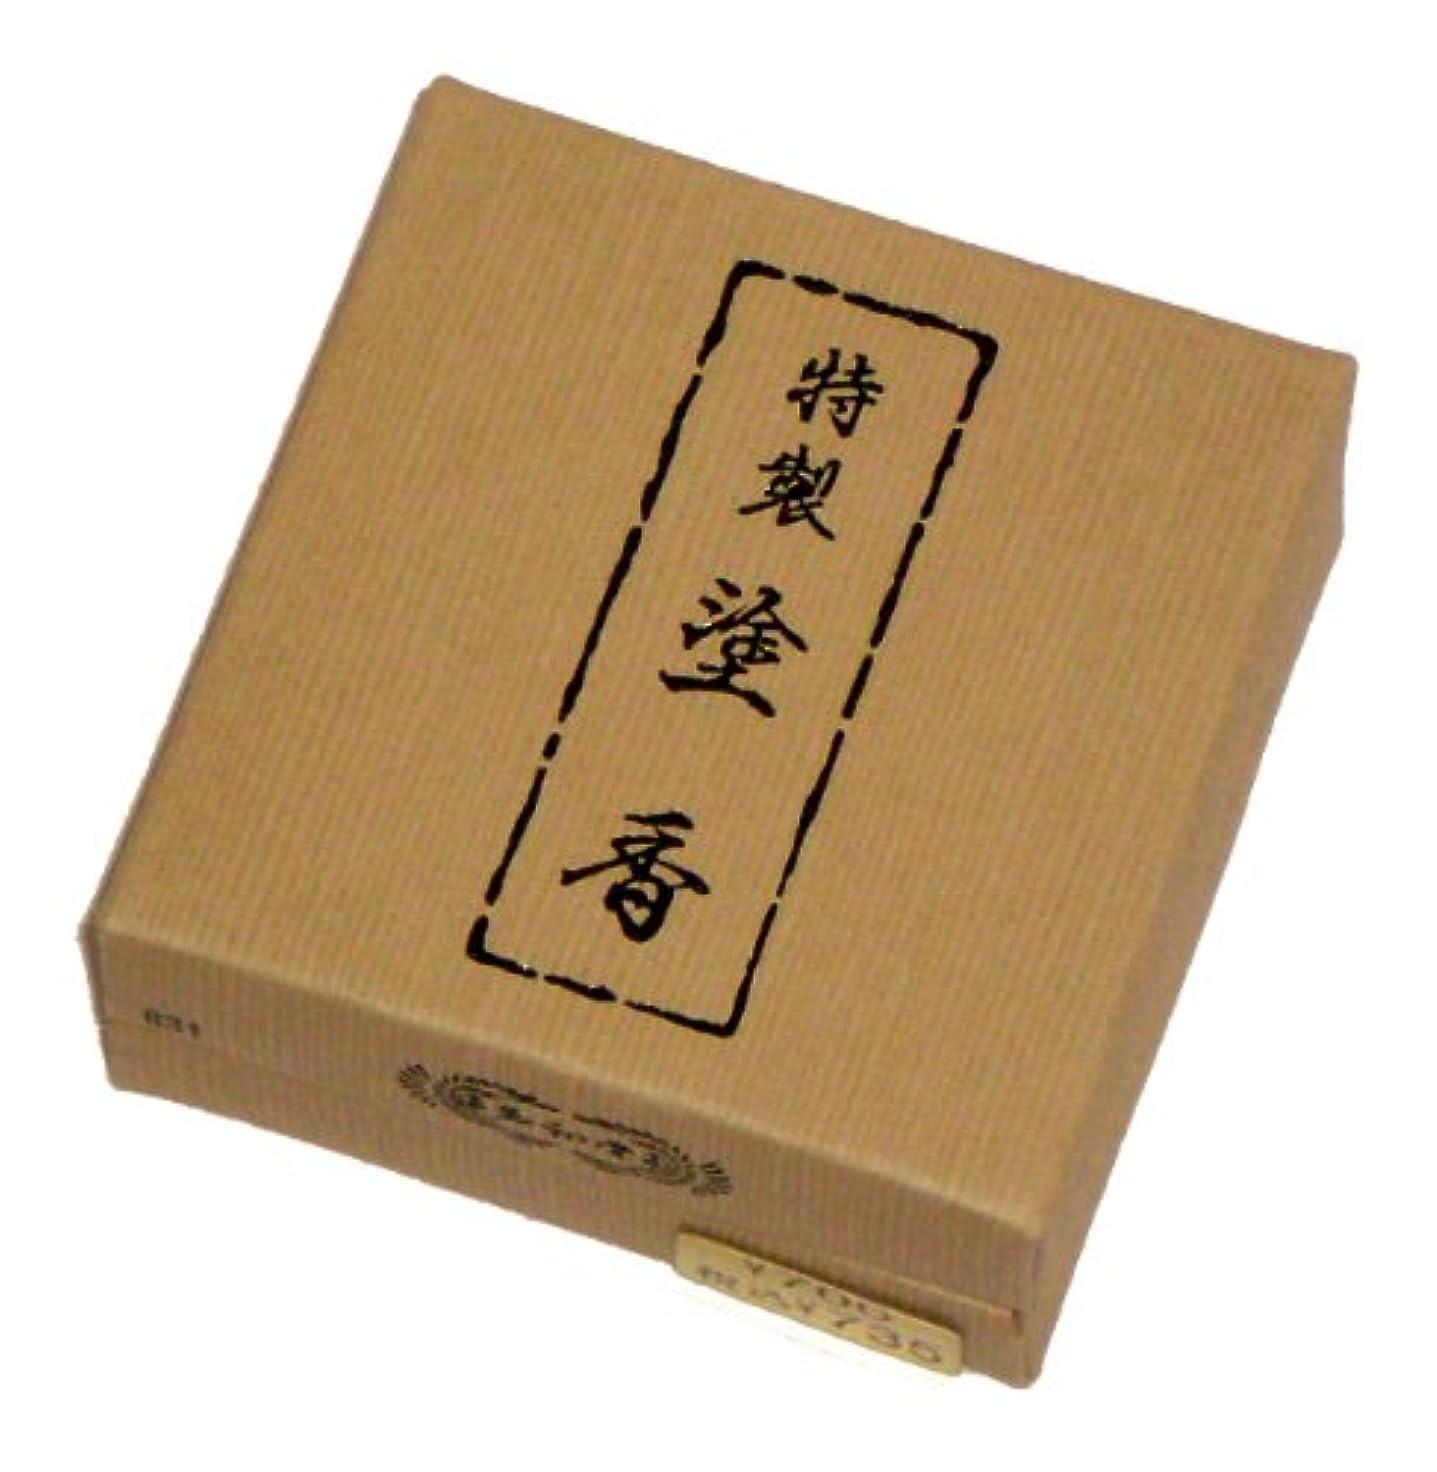 厳しい食堂キャロライン玉初堂のお香 特製塗香 15g 紙箱 #831